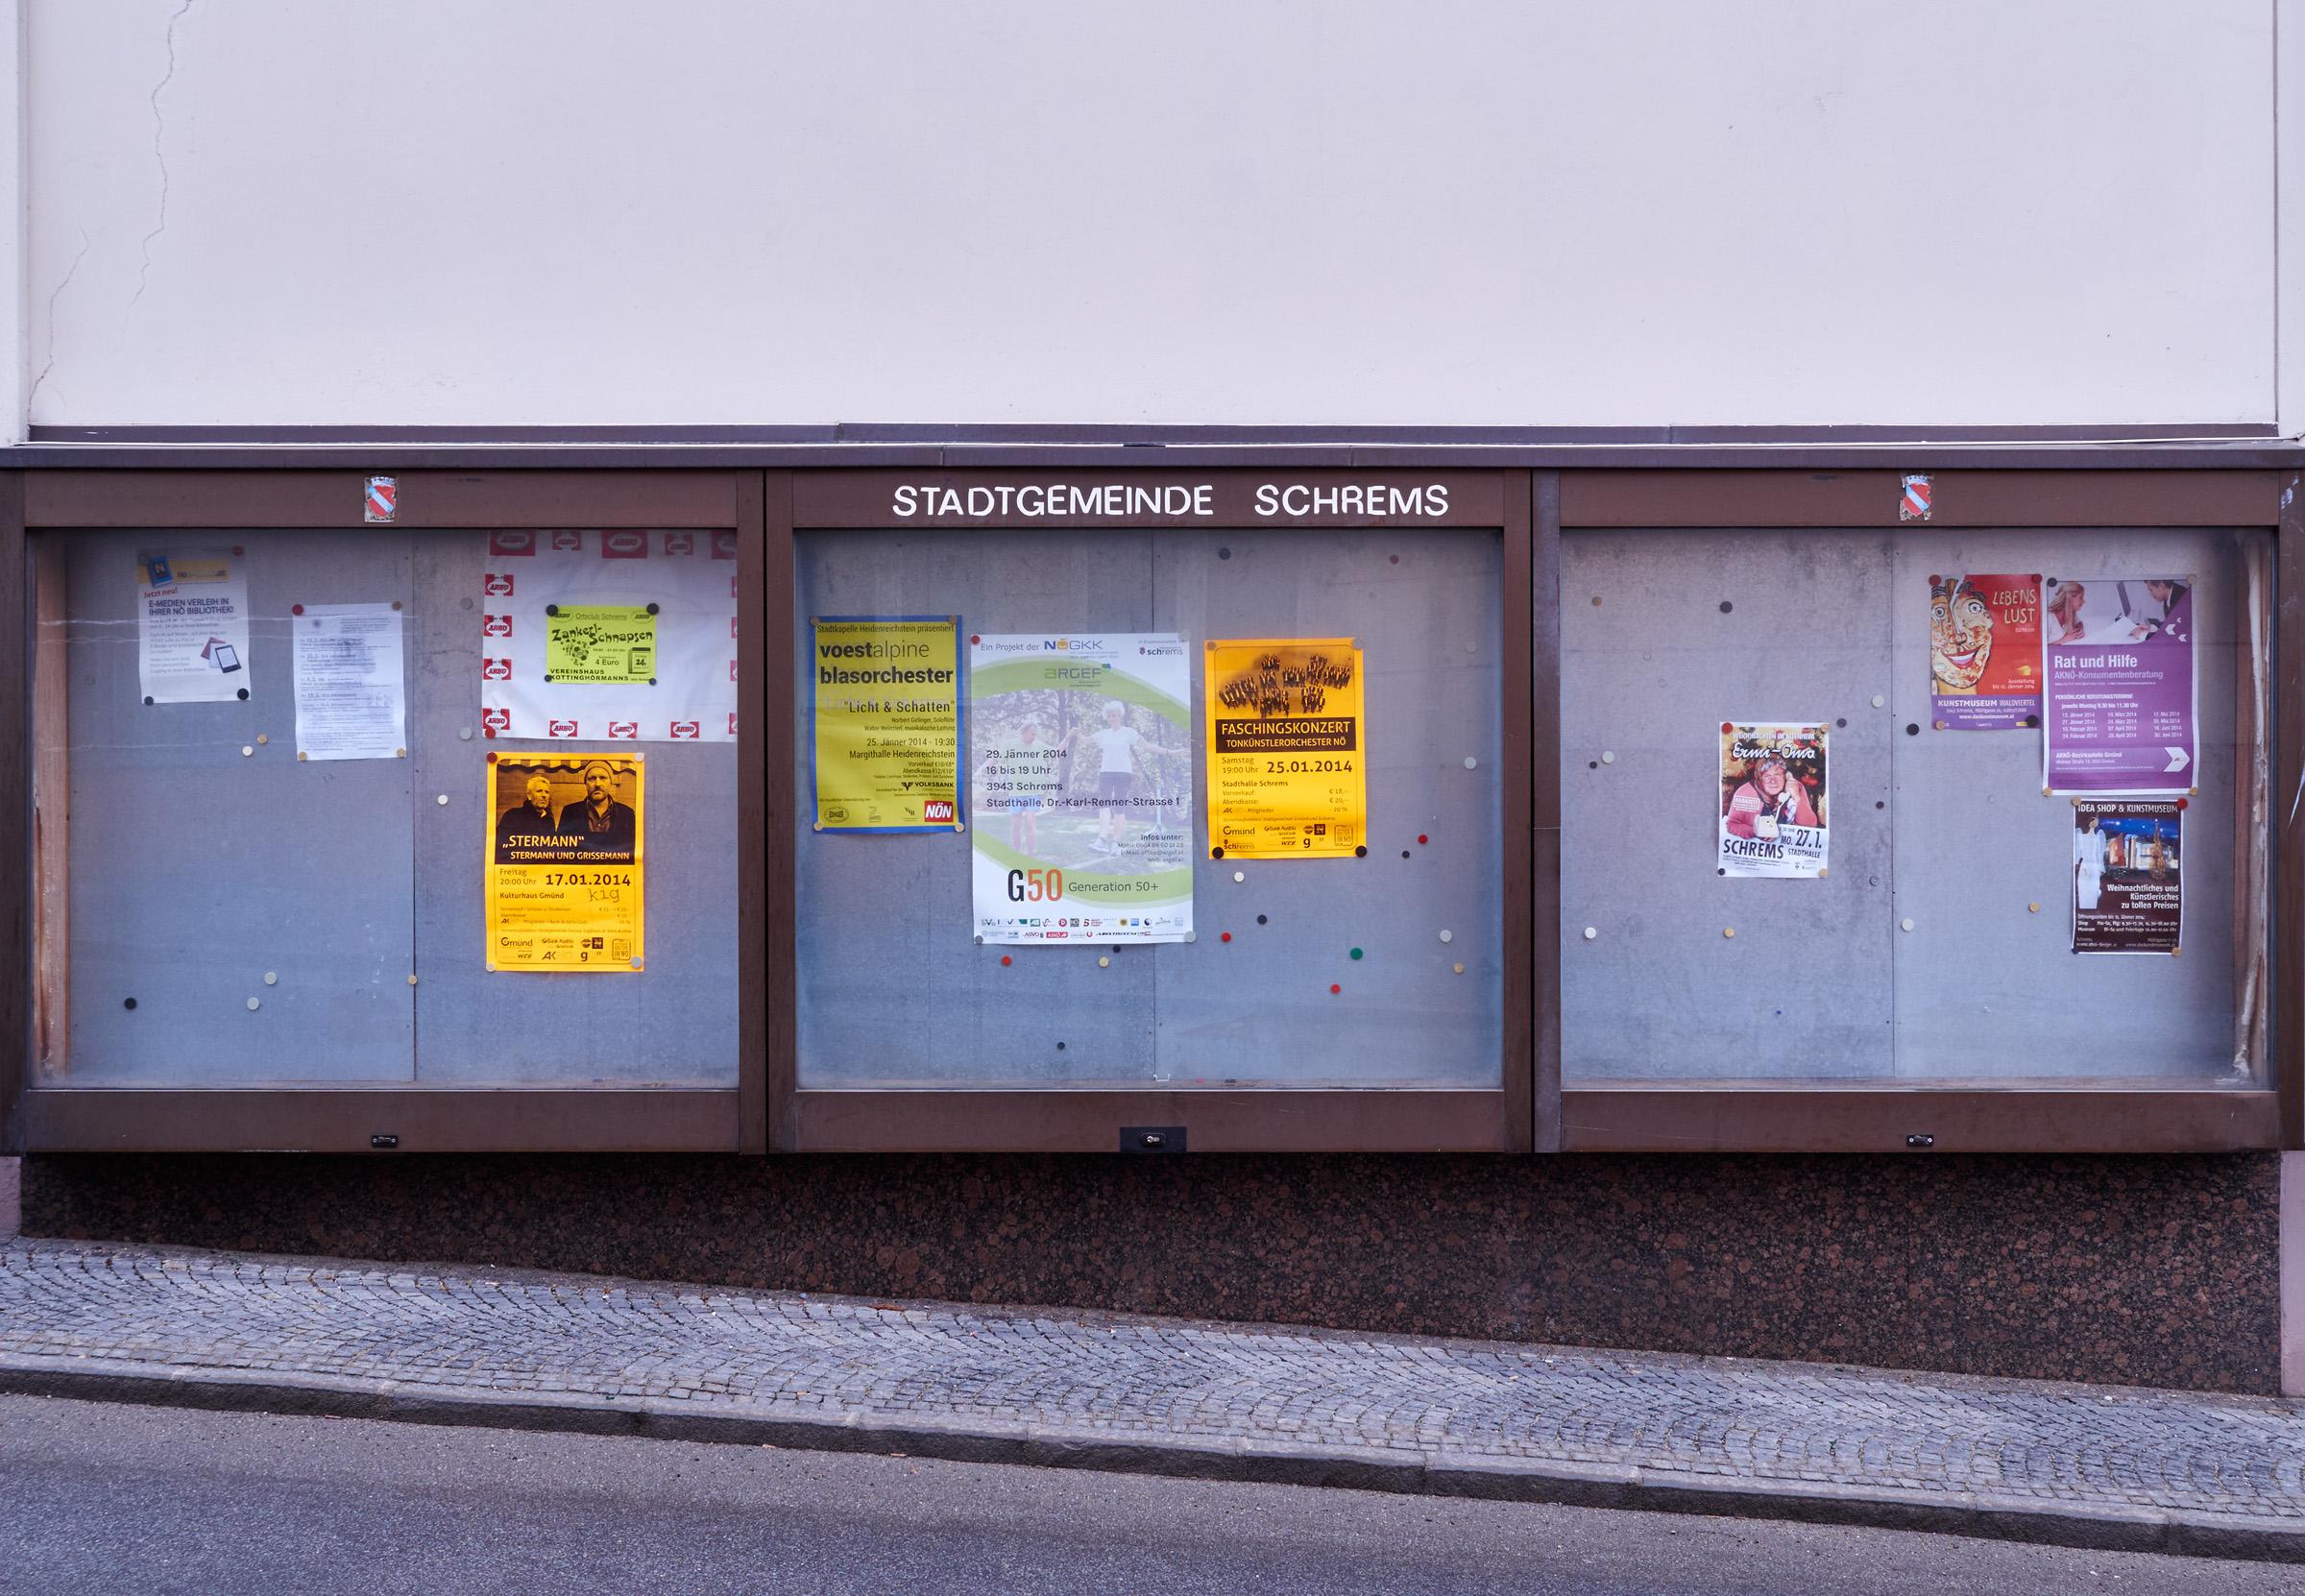 Schrems Josef-Widy-Straße nah 2014-01-19.jpg